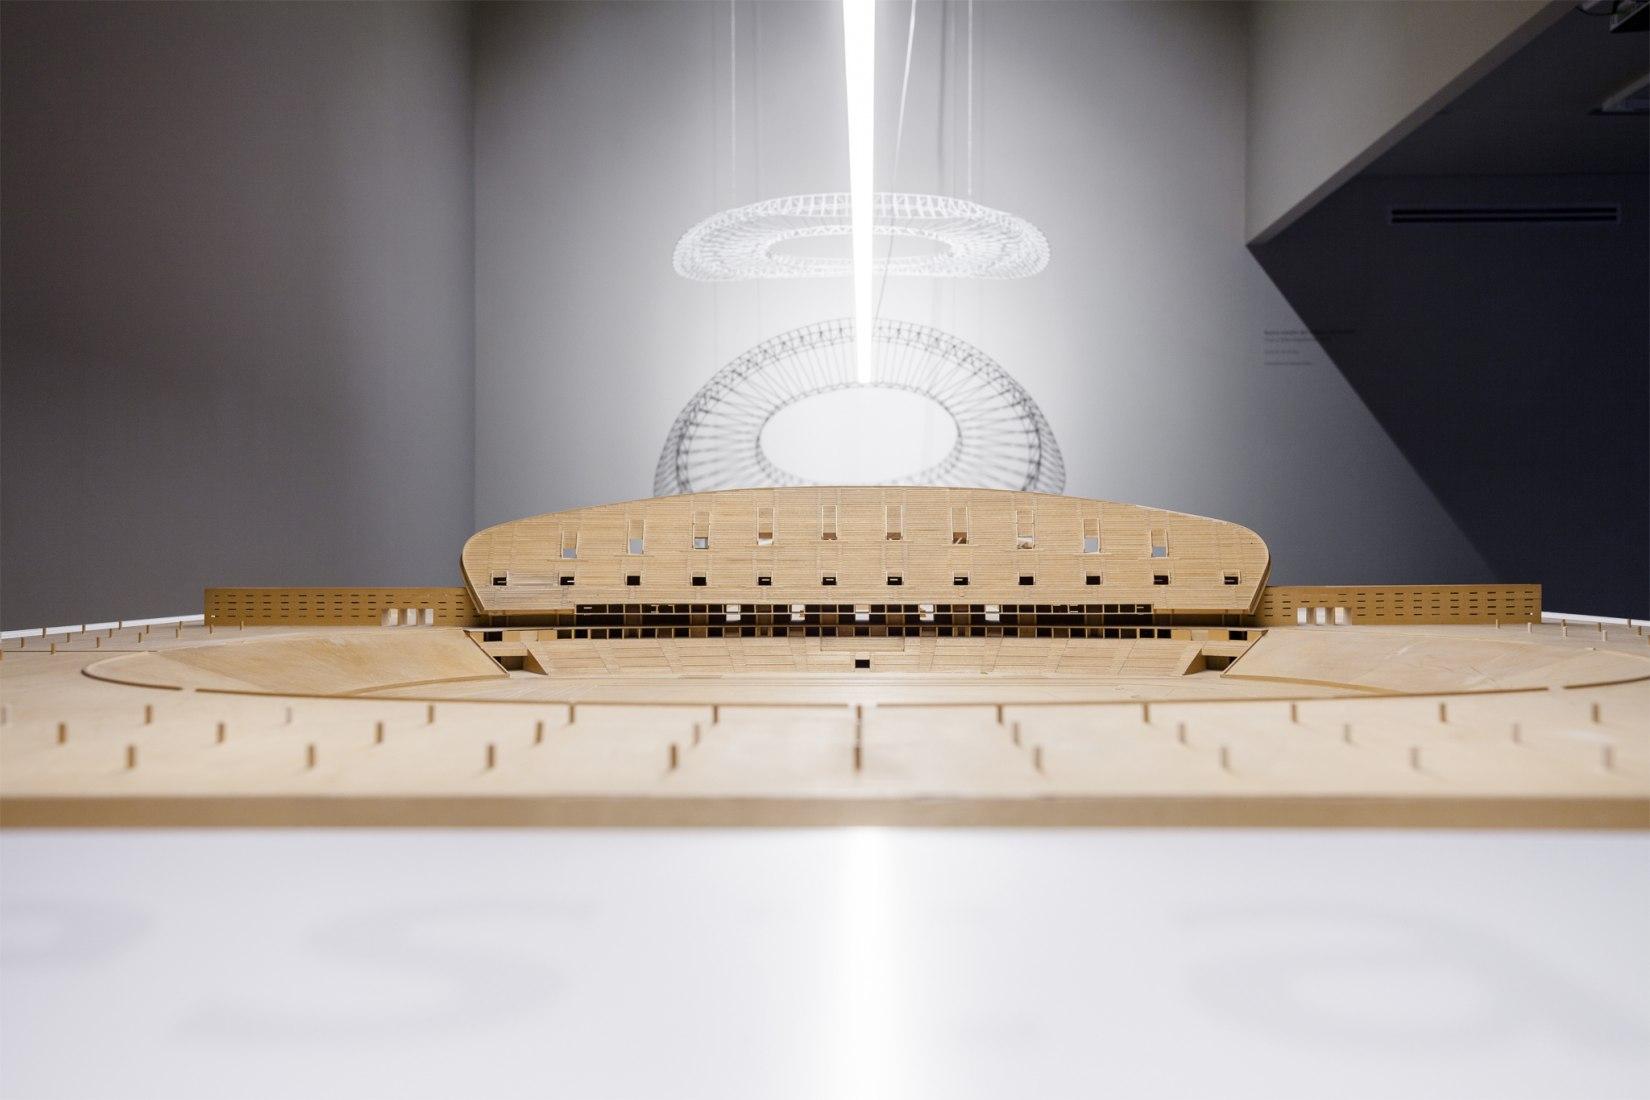 Vista de la retrospectiva en el Museo ICO. Fotografía © Julio César González.  Imagen cortesía de Cruz y Ortiz Arquitectos.